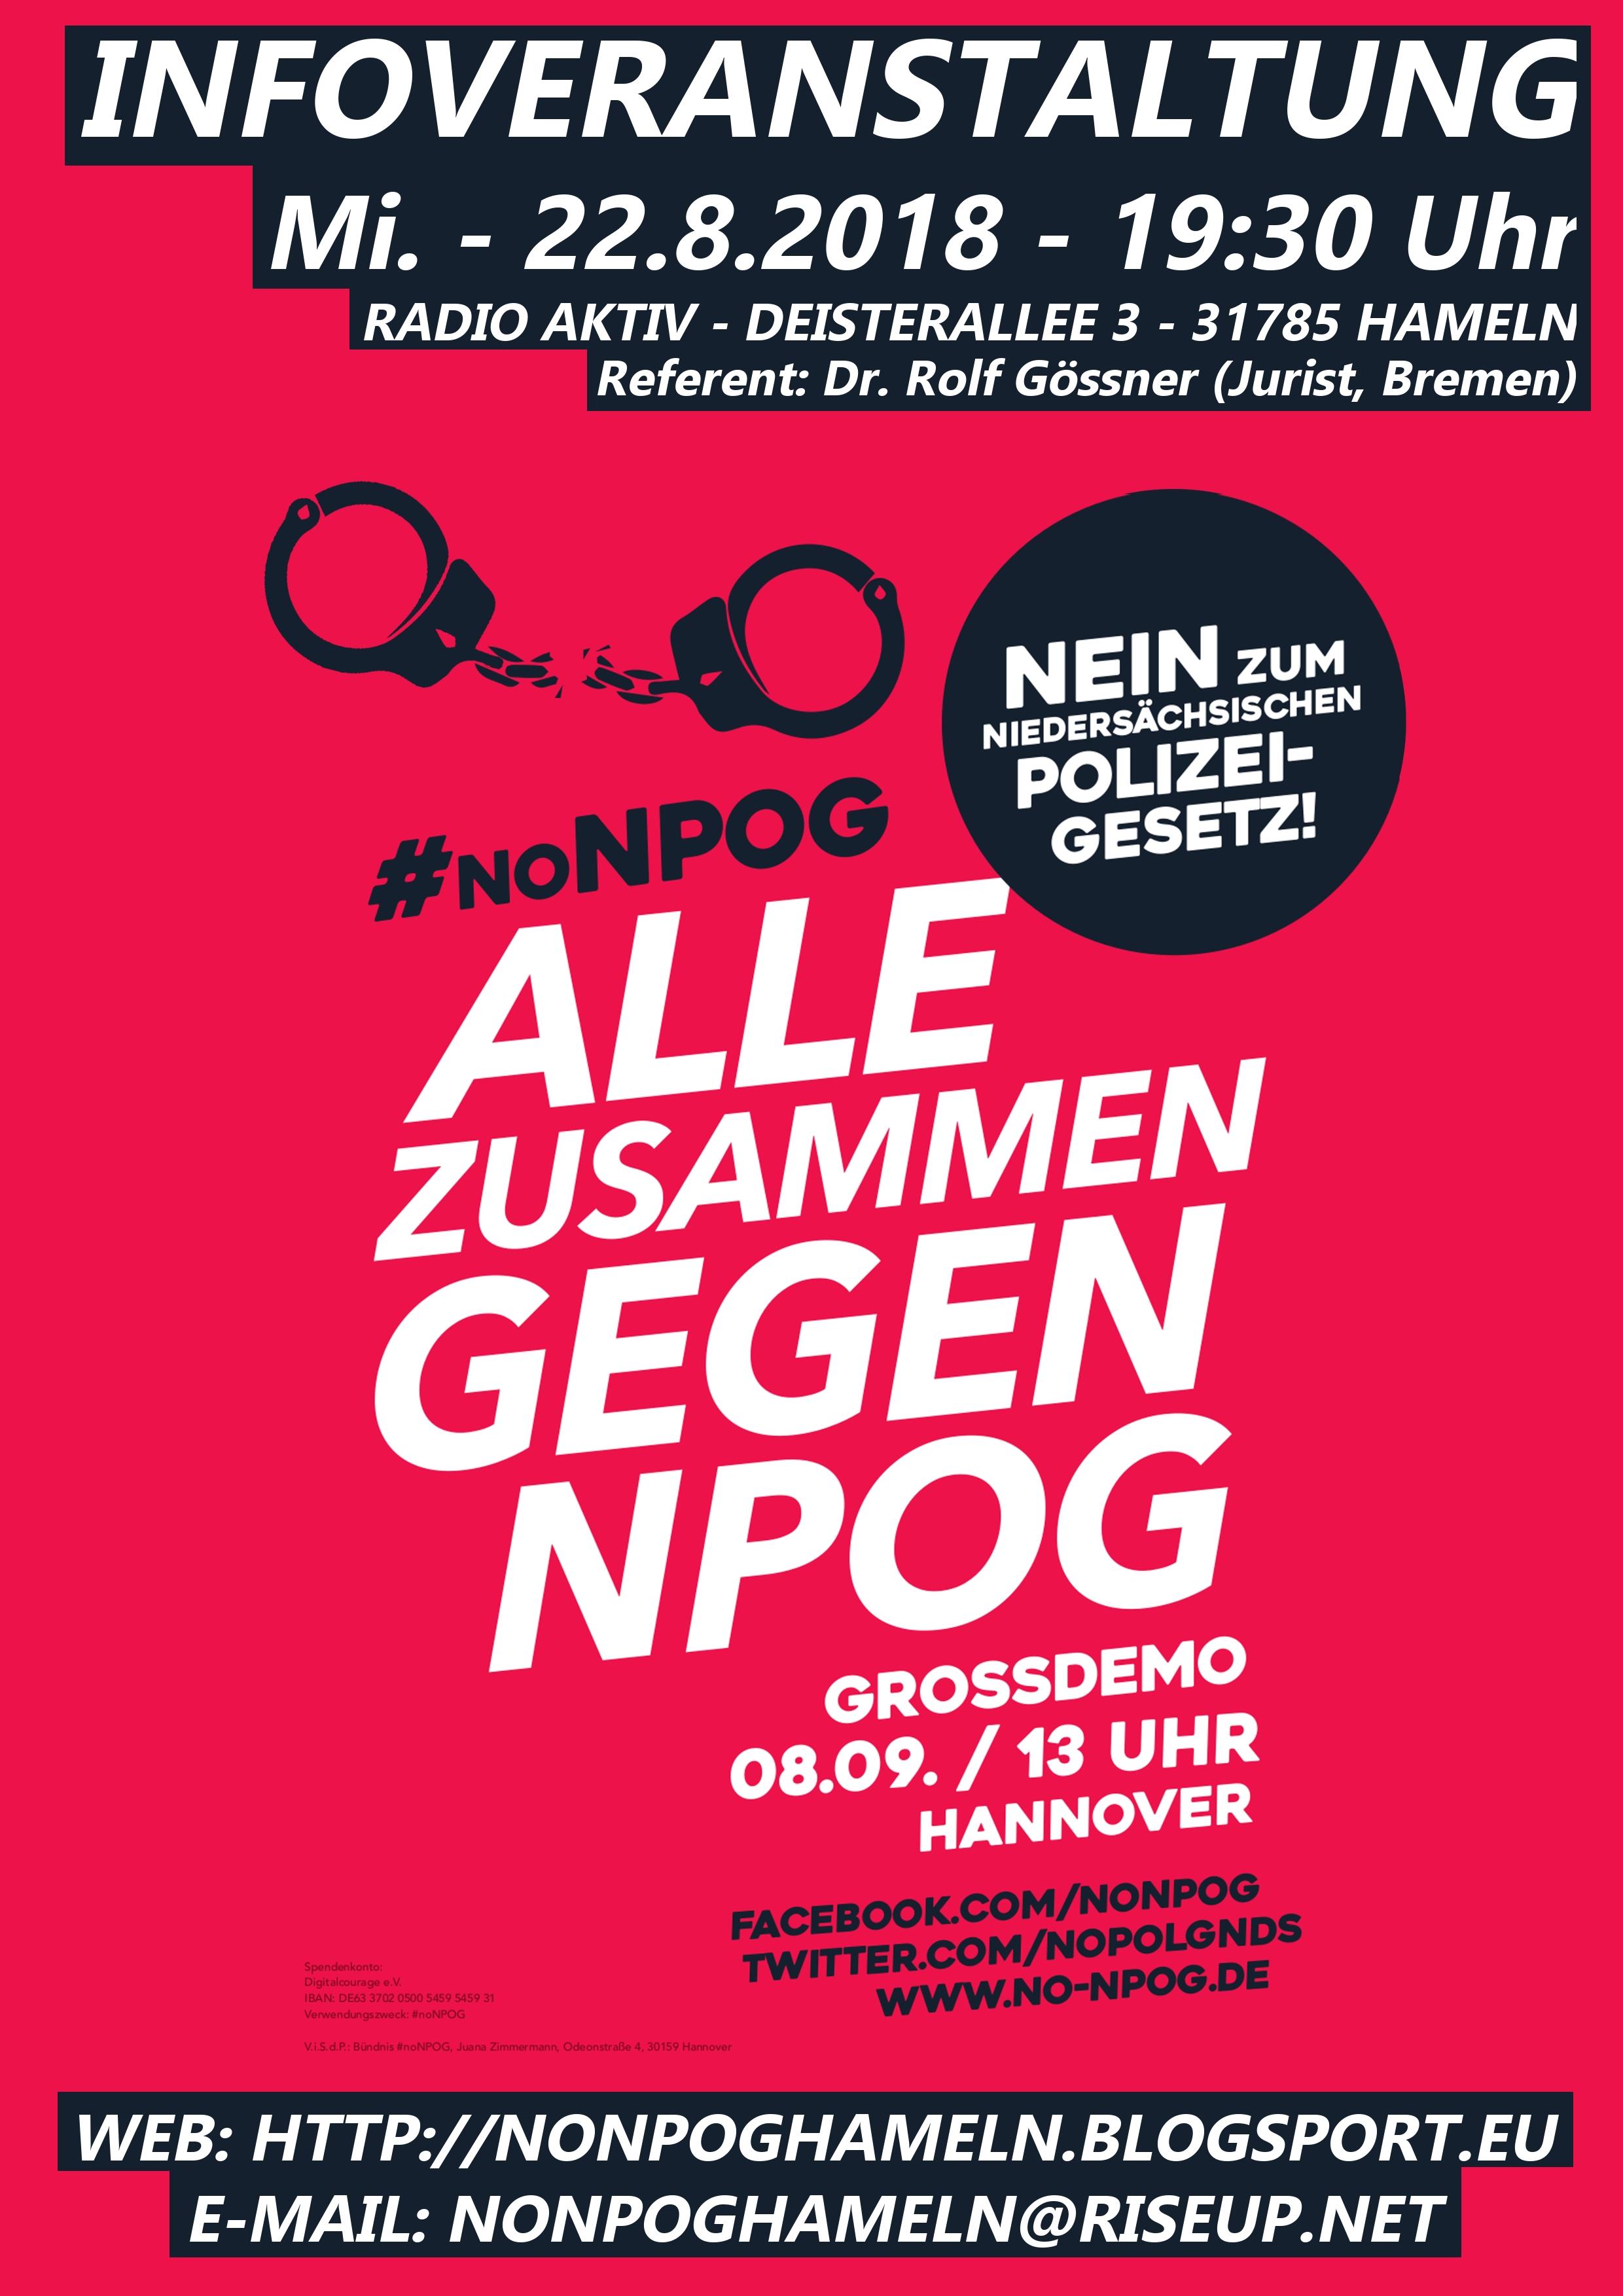 Infoveranstaltung zum neuen niedersächsischen Polizeigesetz